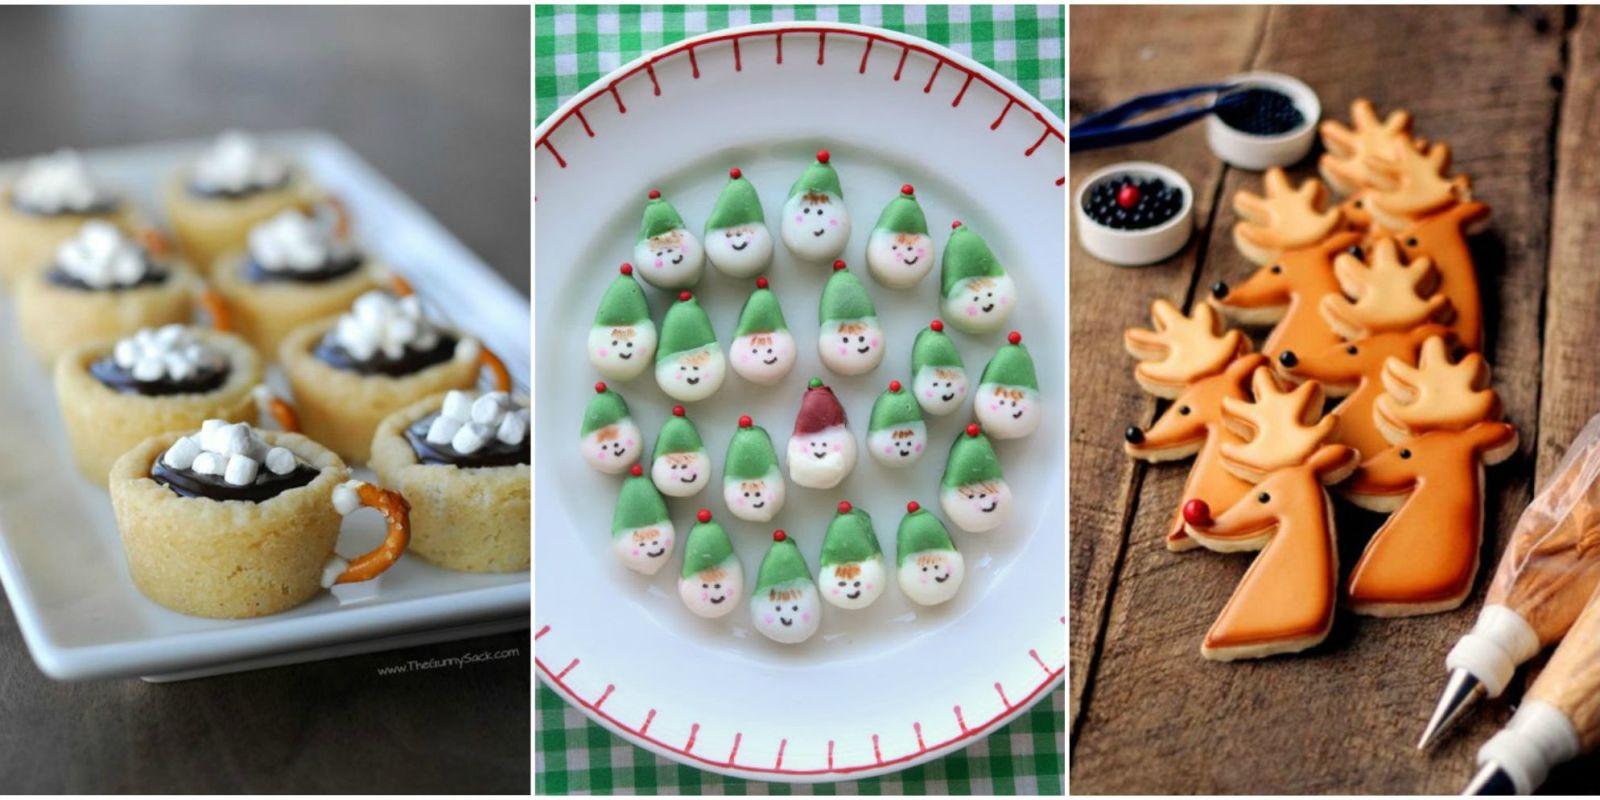 25 Easy Christmas Treats Ideas - Recipes for Holiday ...